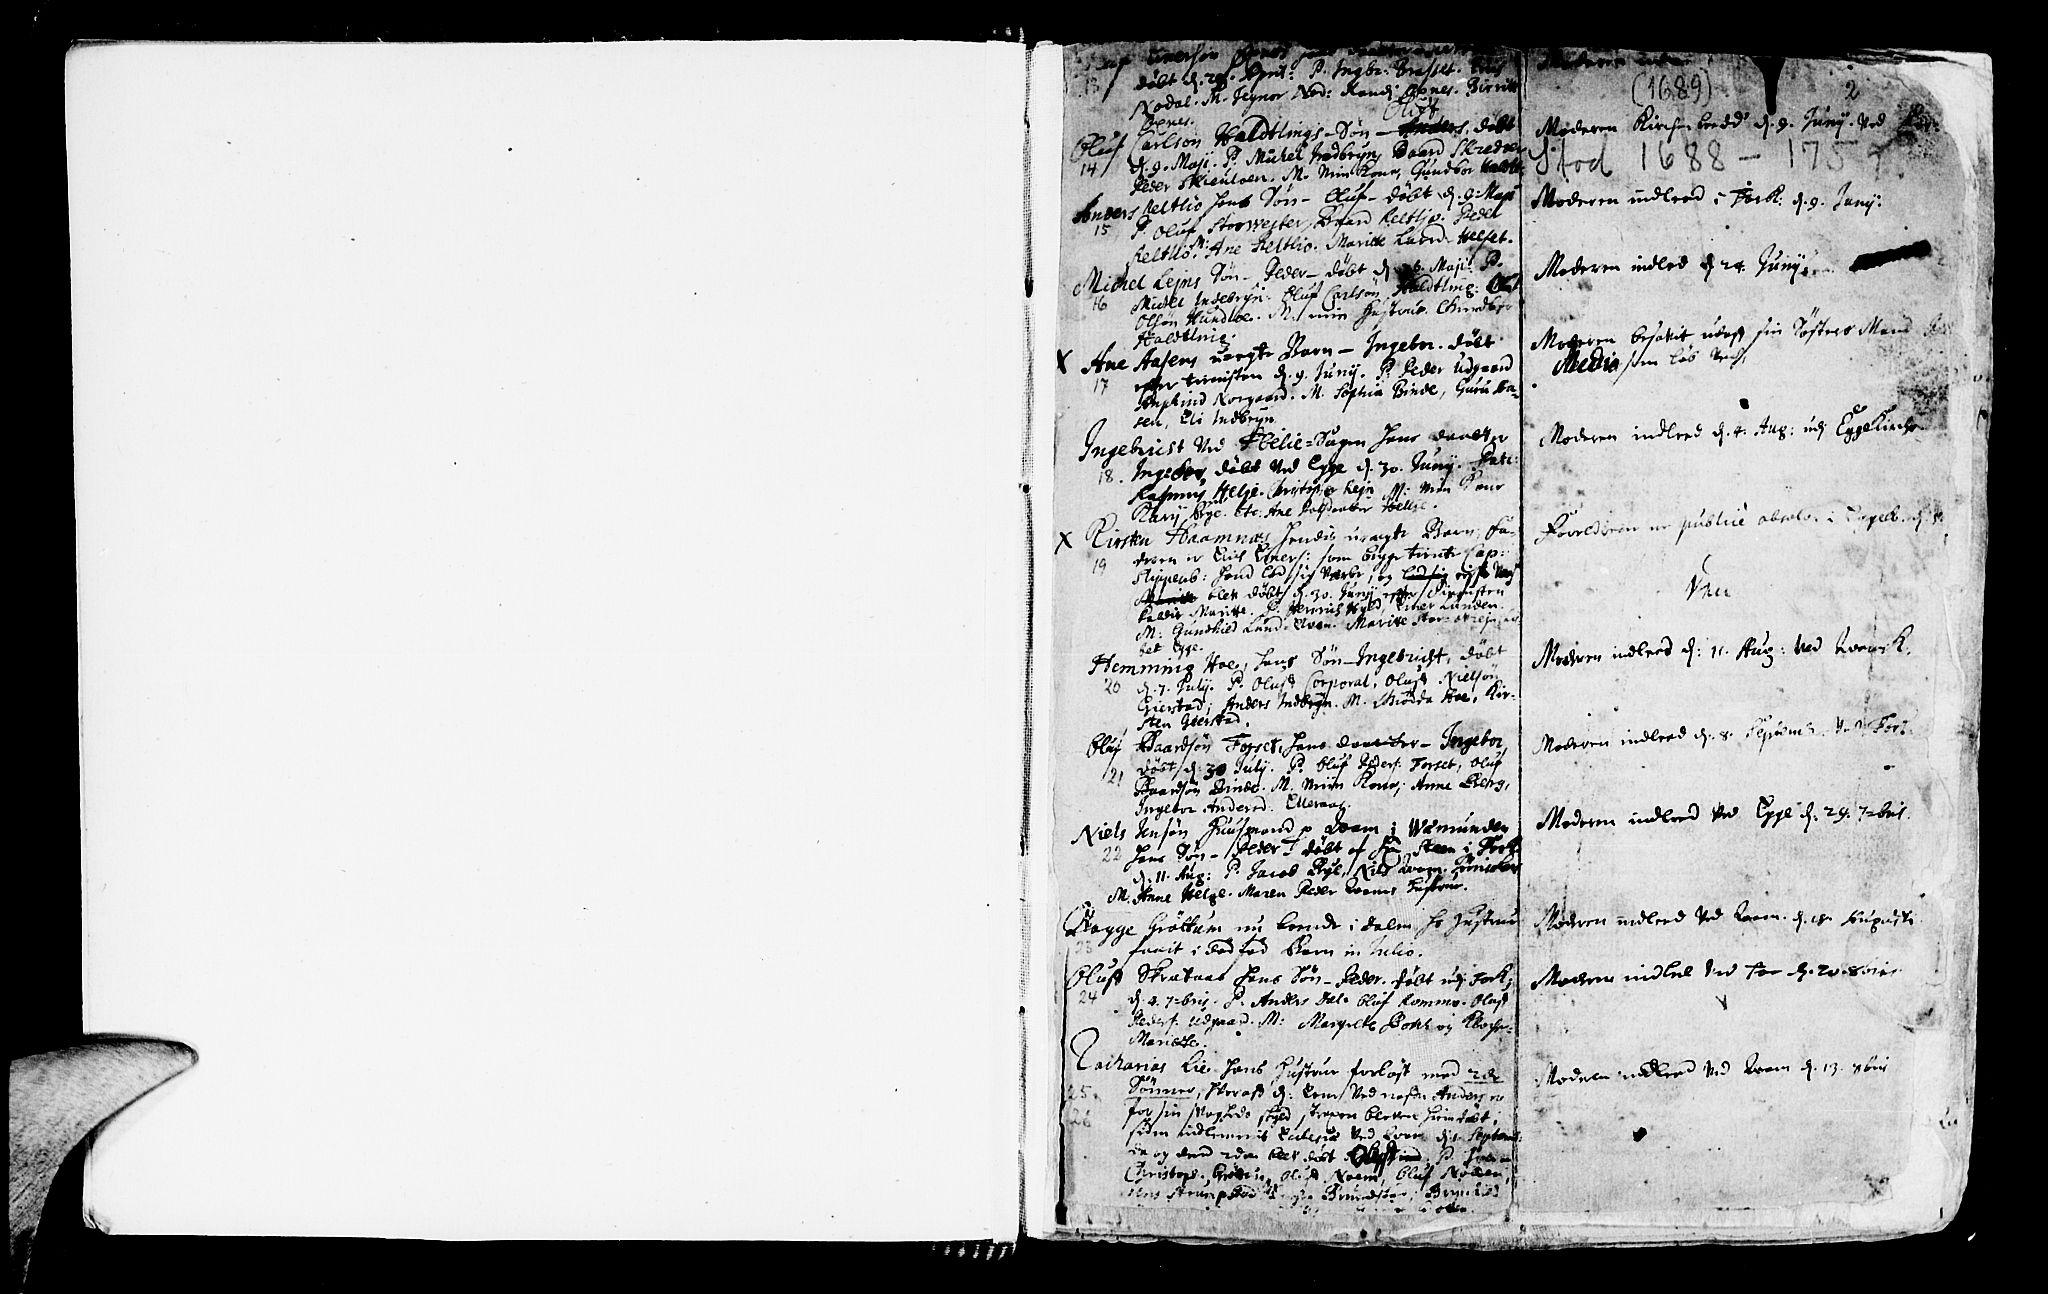 SAT, Ministerialprotokoller, klokkerbøker og fødselsregistre - Nord-Trøndelag, 746/L0439: Ministerialbok nr. 746A01, 1688-1759, s. 2